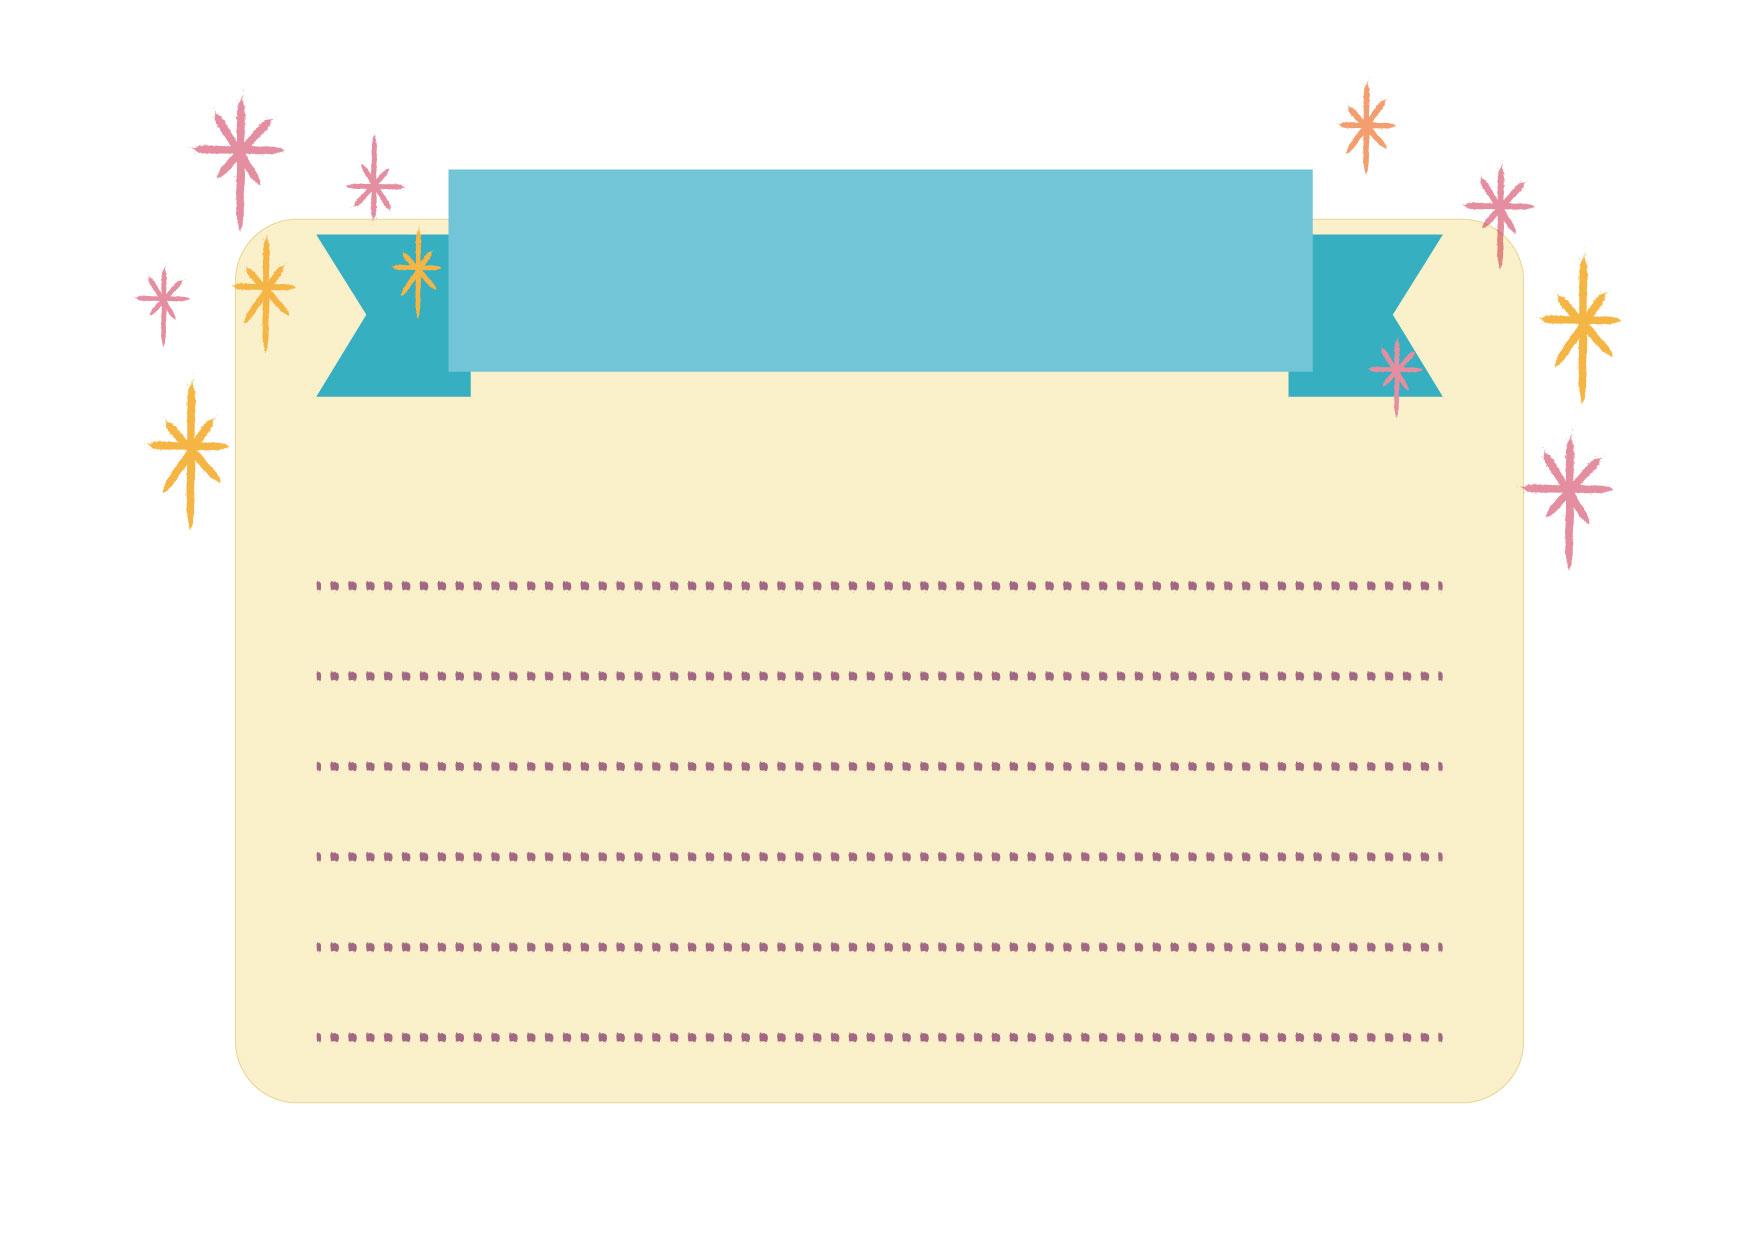 可愛いイラスト無料|ノート リボン ブルー 背景 − free illustration Notebook ribbon blue background